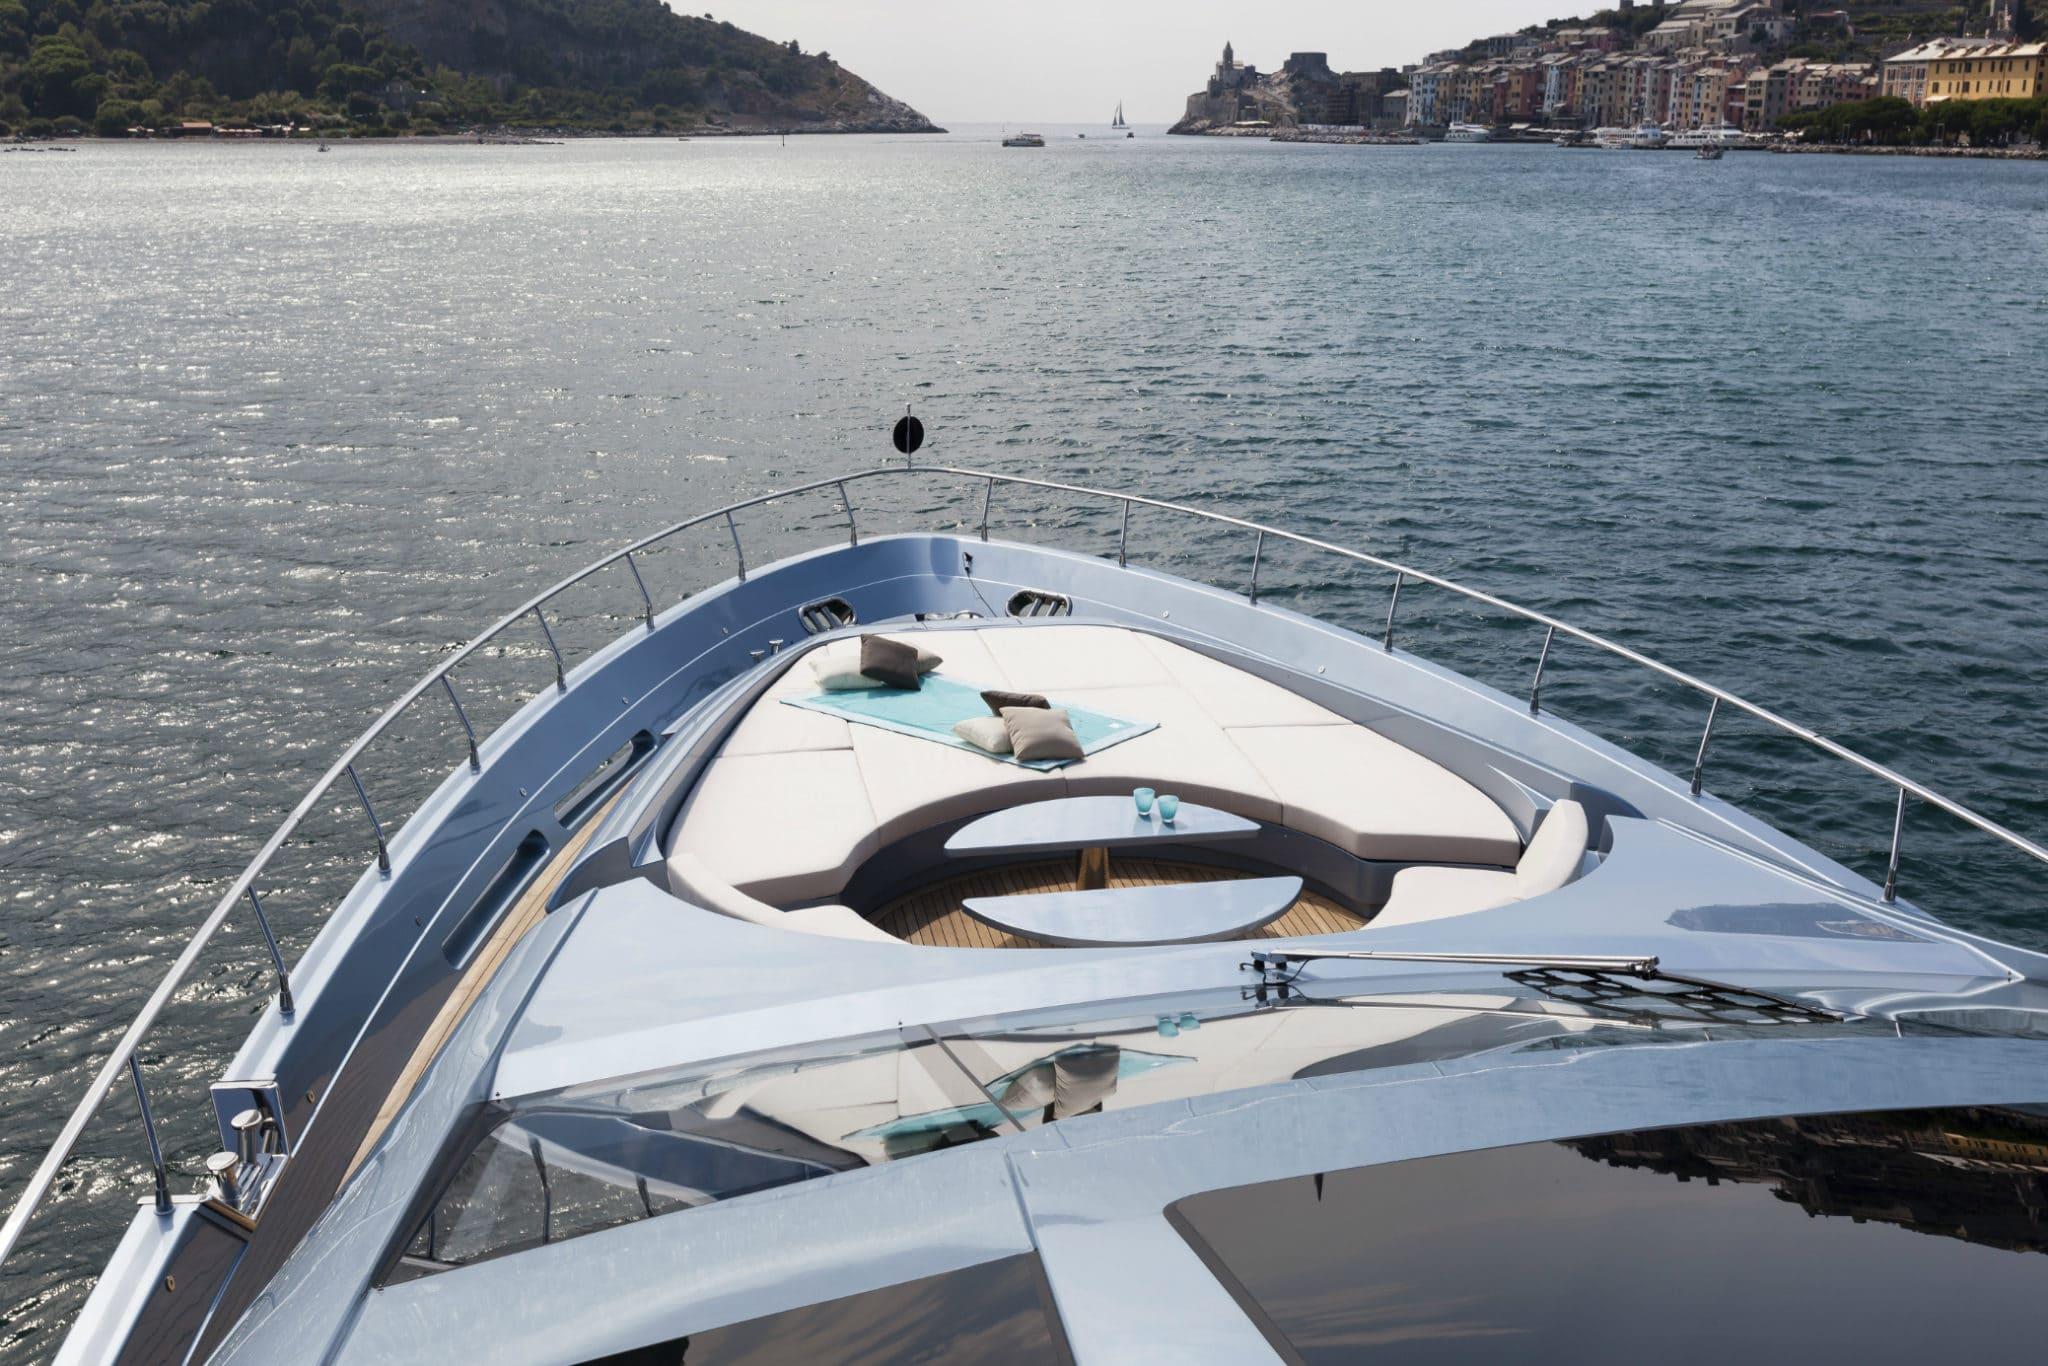 Yacht in Portovenere